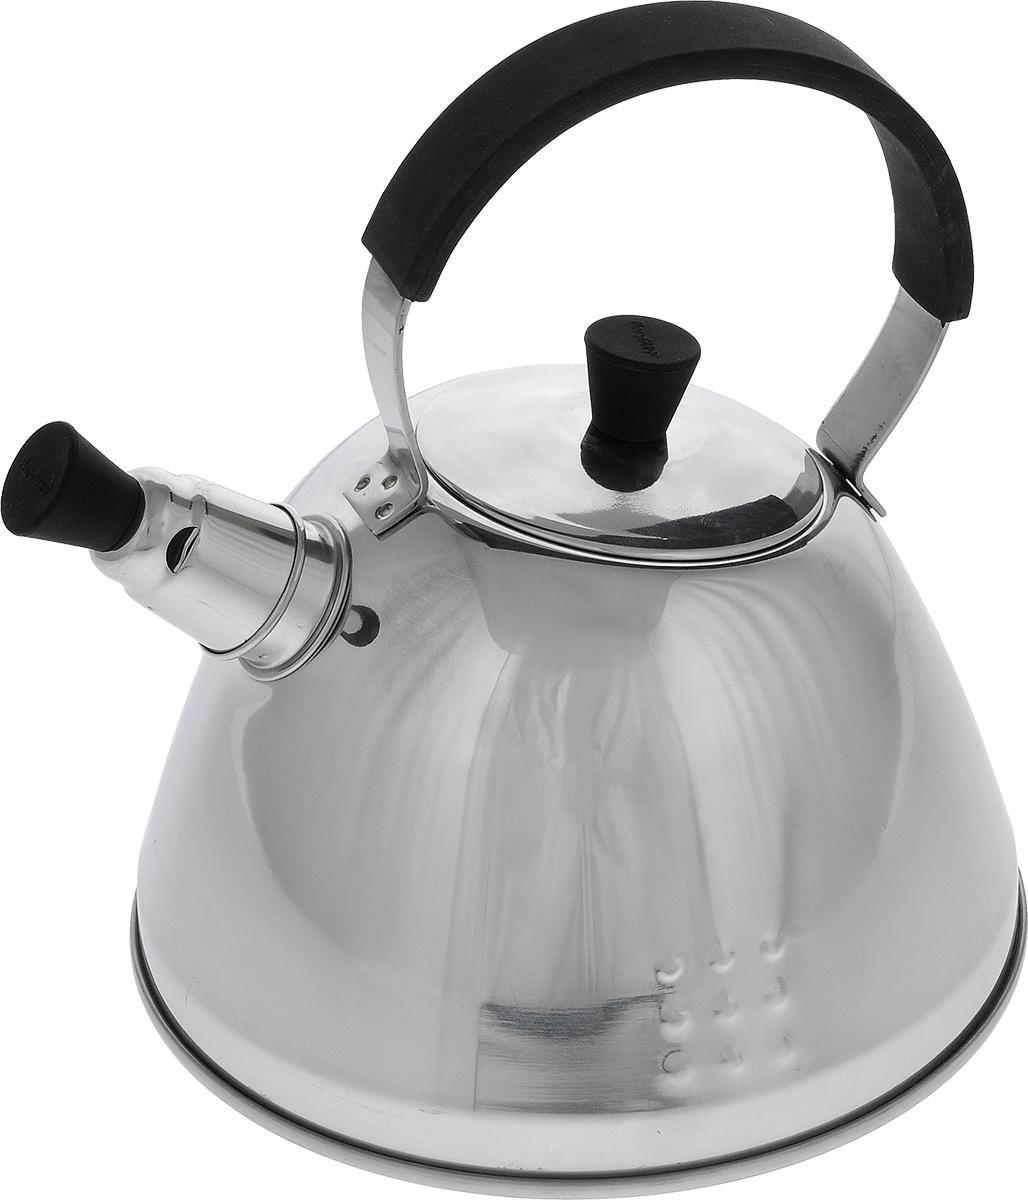 Чайник заварочный BergHOFF Orion, со свистком, 1,2 л1104737Чайник заварочный BergHOFF Orion изготовлен из высококачественной нержавеющей стали 18/10. Гладкая и ровная зеркальная поверхность существенно облегчает уход. Эргономичная ручка из бакелита с покрытием soft-touch делает использование чайника очень удобным и безопасным. Носик чайника имеет насадку-свисток, что позволит вам контролировать процесс подогрева или кипячения воды. Мелкосетчатый фильтр из нержавеющей стали позволяет насладится чаем без попадания чаинок в вашу чашку. Термокапсульное дно при кипячении сохраняет все полезные свойства воды. Подходит для всех типов плит, включая индукционные. Можно мыть в посудомоечной машине. Диаметр чайника (по верхнему краю): 7,5 см. Высота чайника (с учетом ручки): 22 см. Высота чайника (без учета ручки): 12,5 см. Размер фильтра: 7,3 см х 6,7 см х 5,5 см.